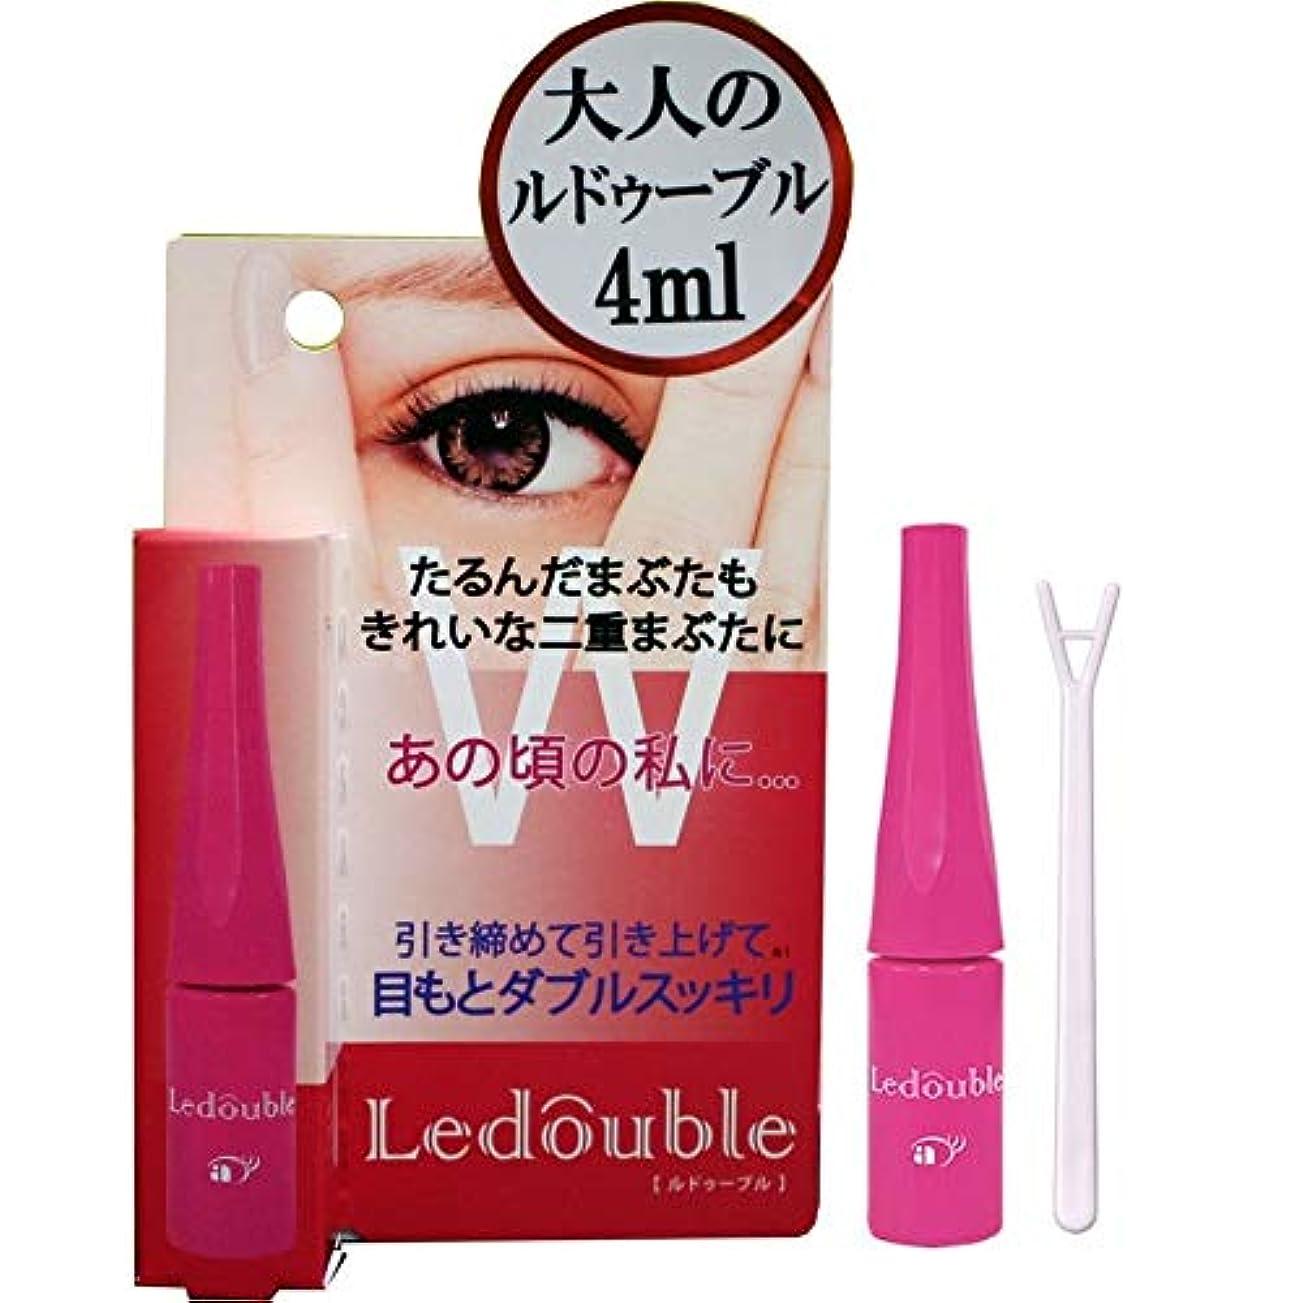 口径日の出便利さ大人のLedouble [大人のルドゥーブル] 二重まぶた化粧品 (4mL)